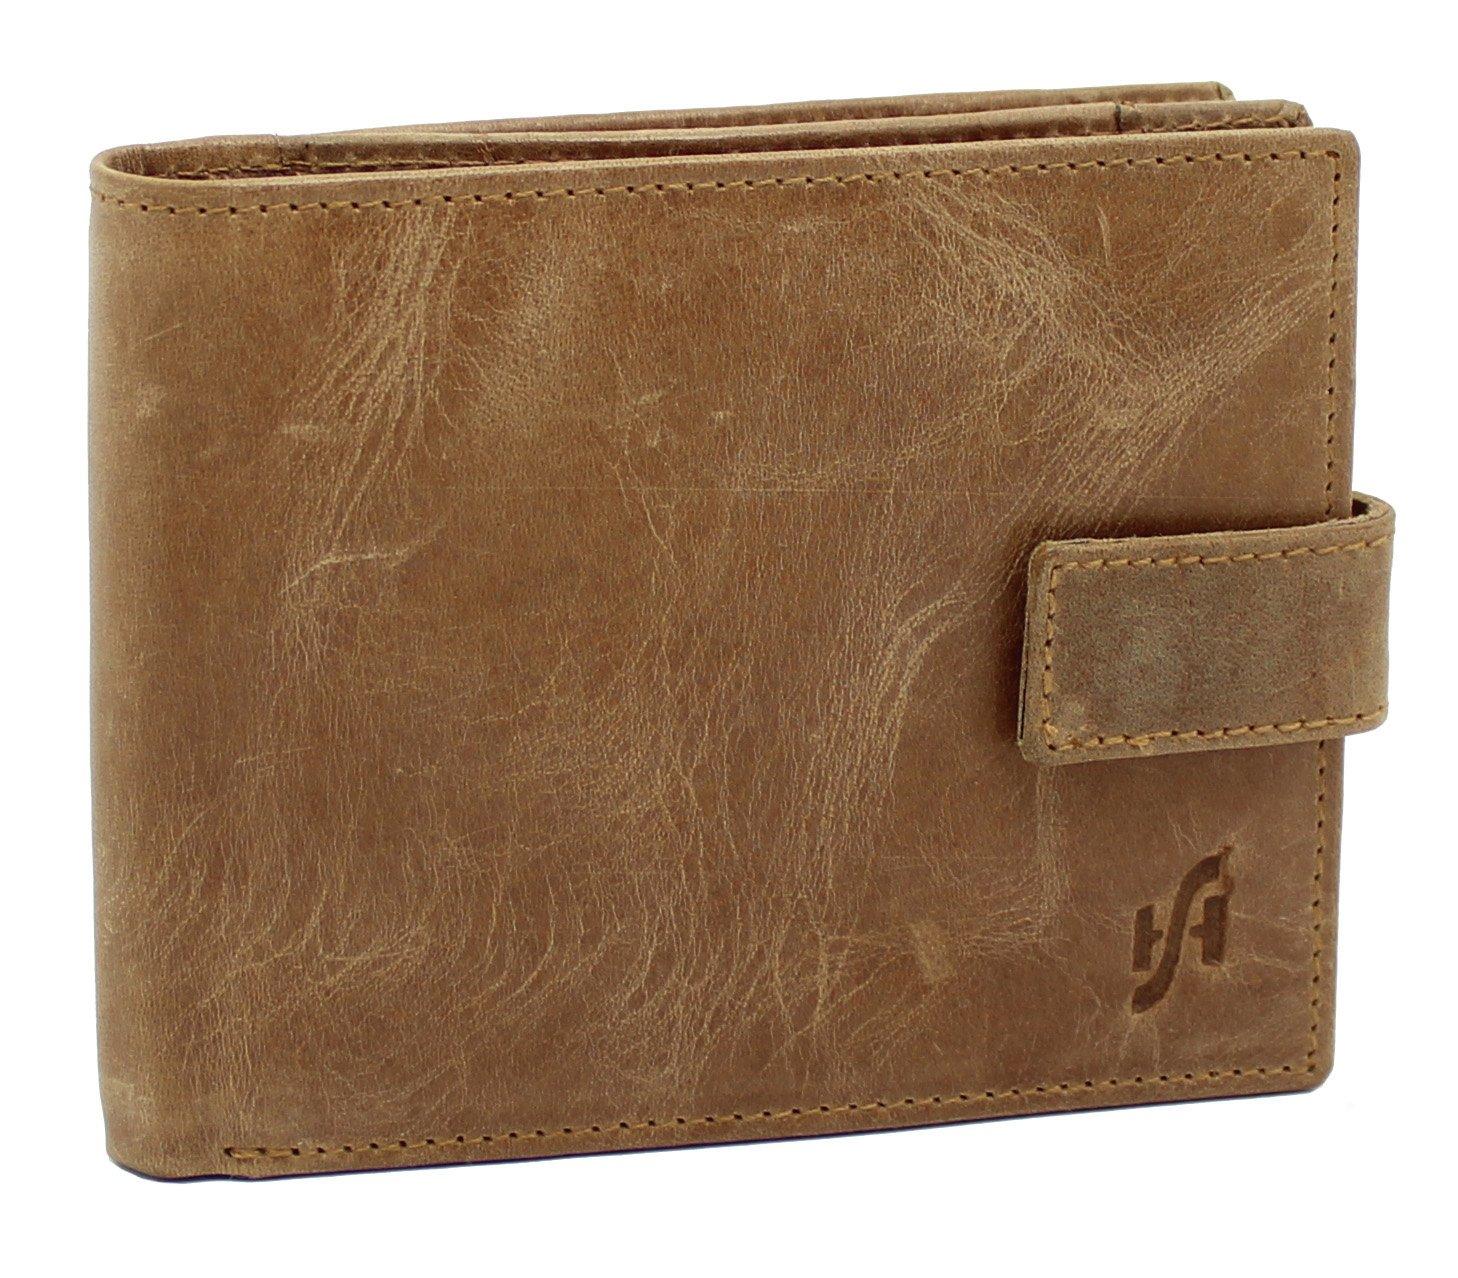 STARHIDE - Cartera para Hombre Unisex marrón Claro 11,5cm x 9,5 cm: Amazon.es: Equipaje